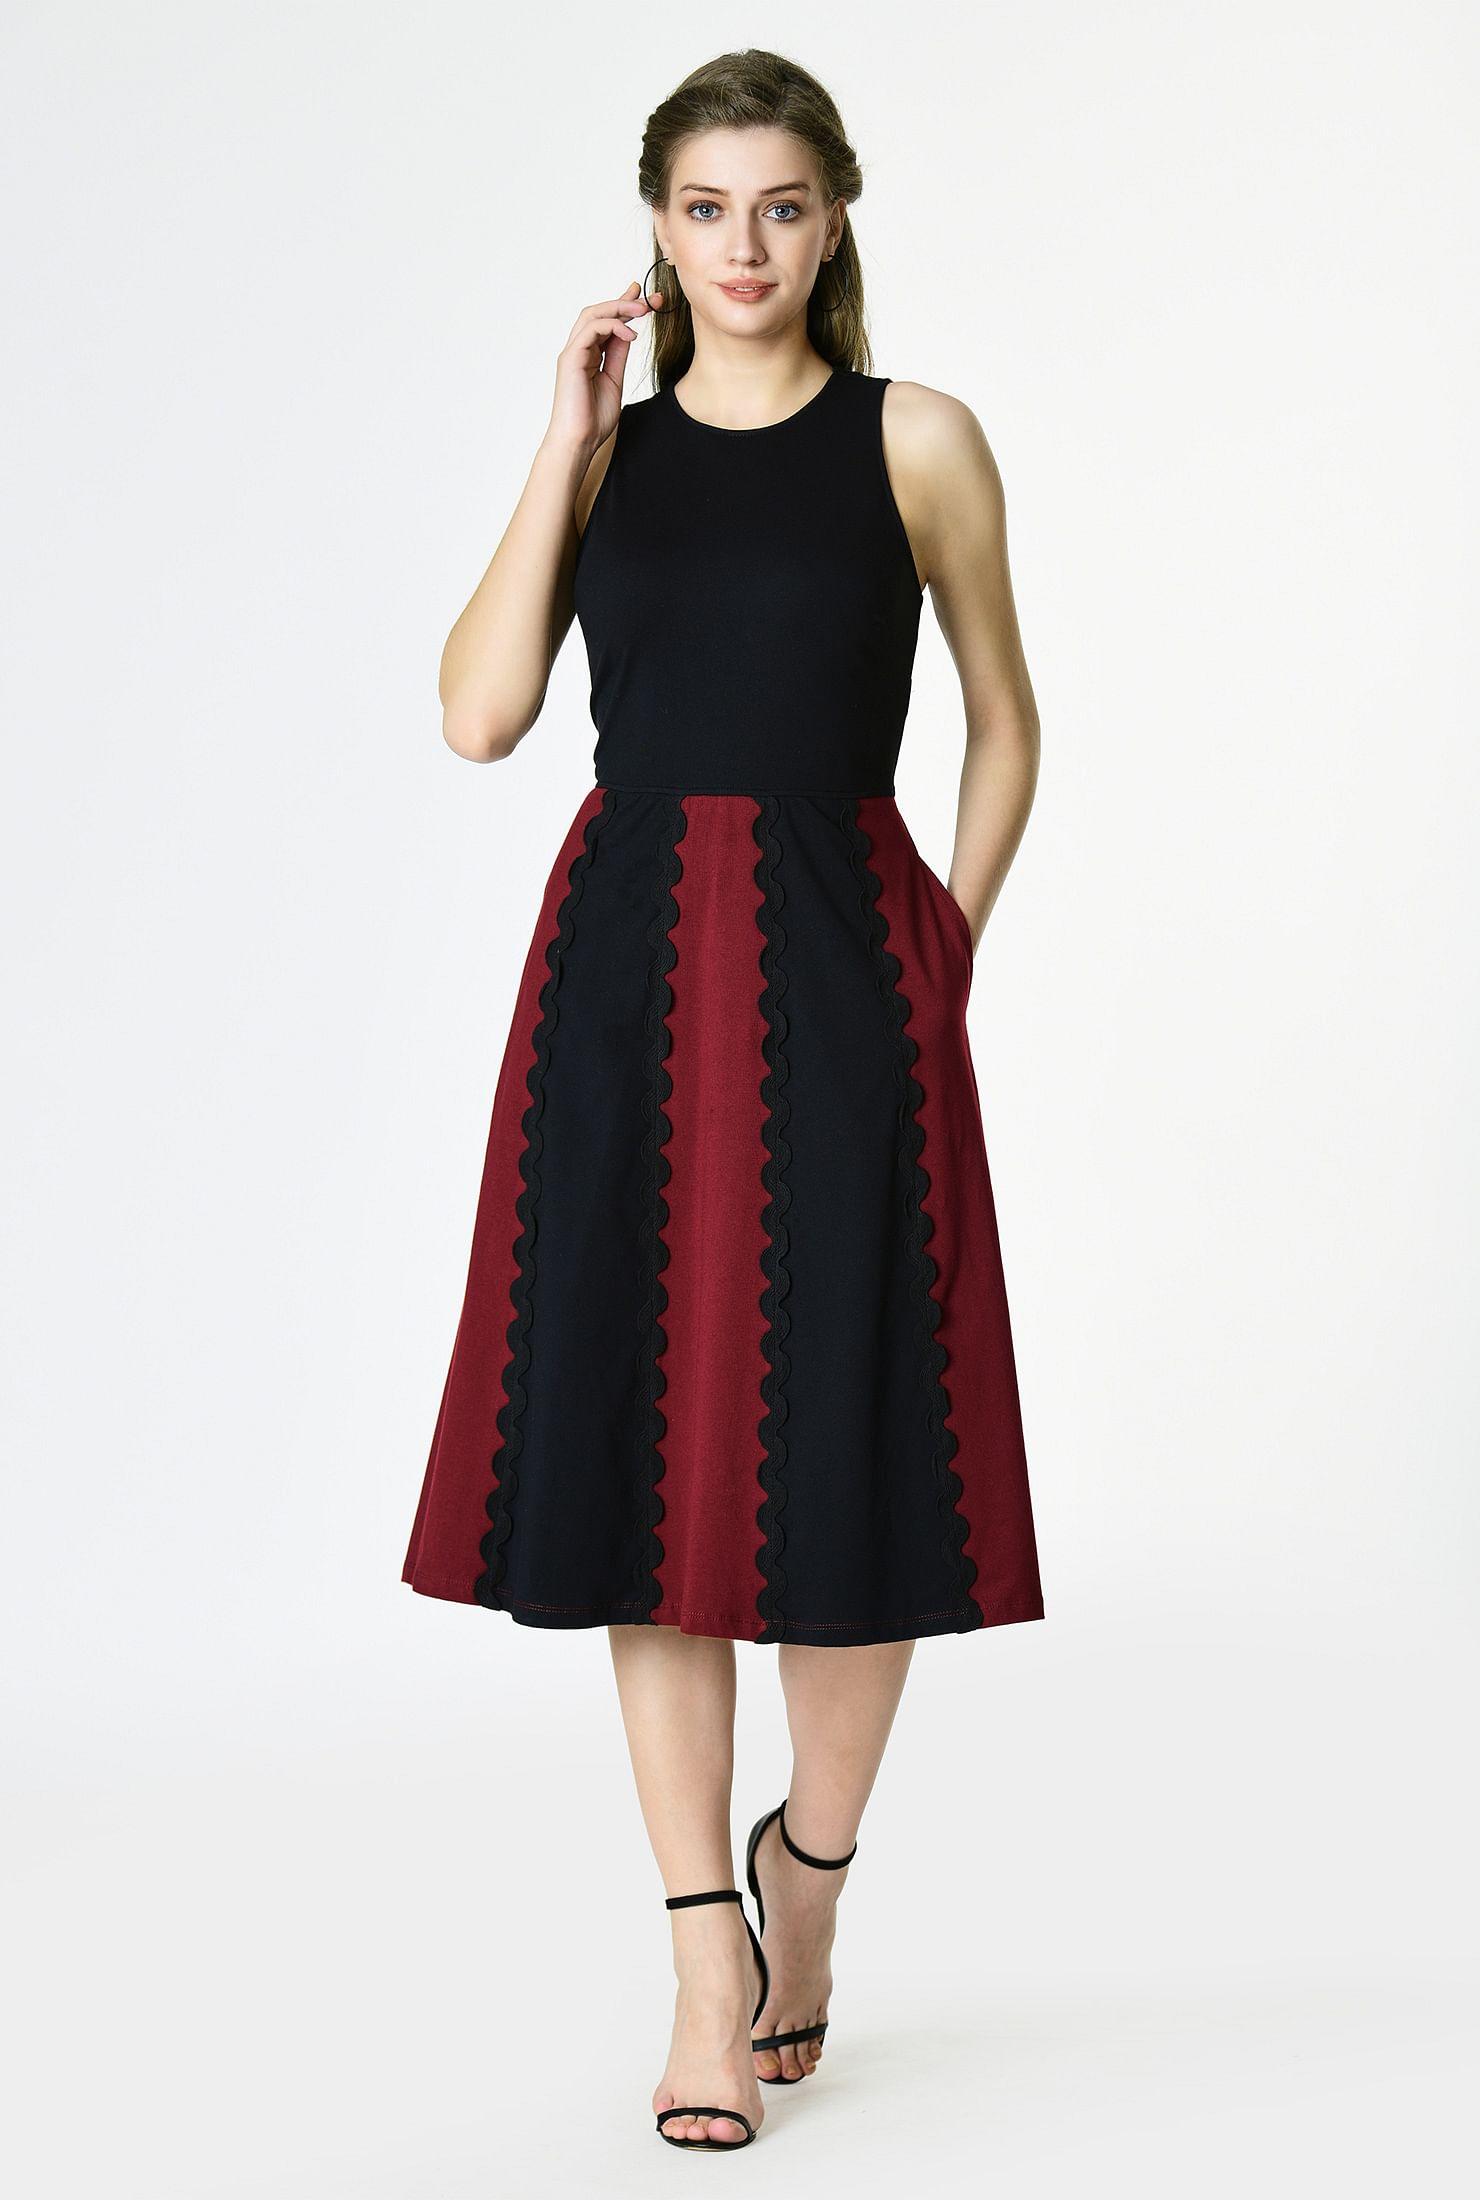 Colorblock Scallop Lace Trim Cotton Knit Dress